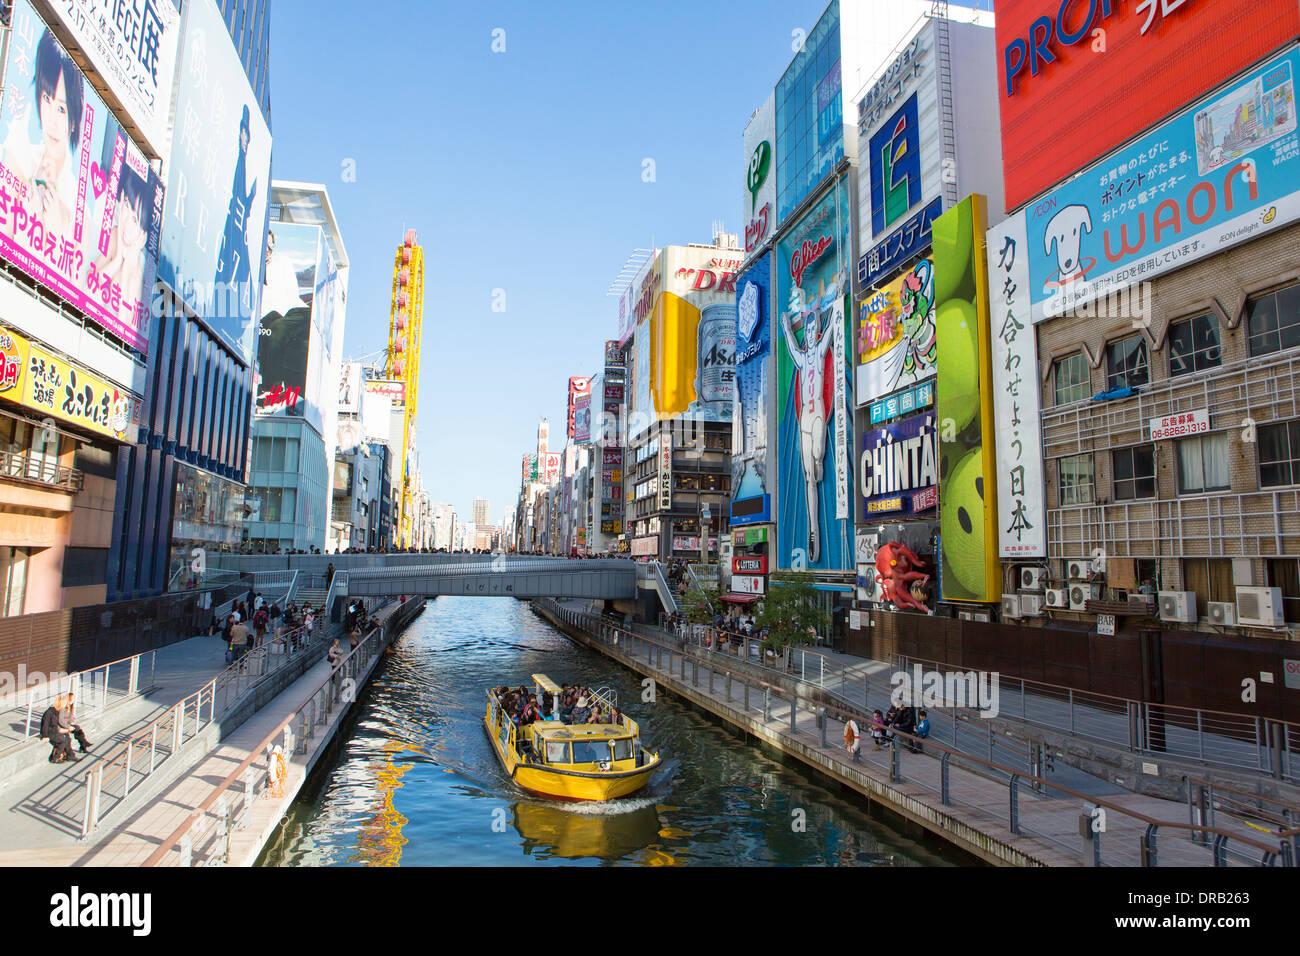 Barco turístico en Dotonbori, Osaka, Japón Imagen De Stock